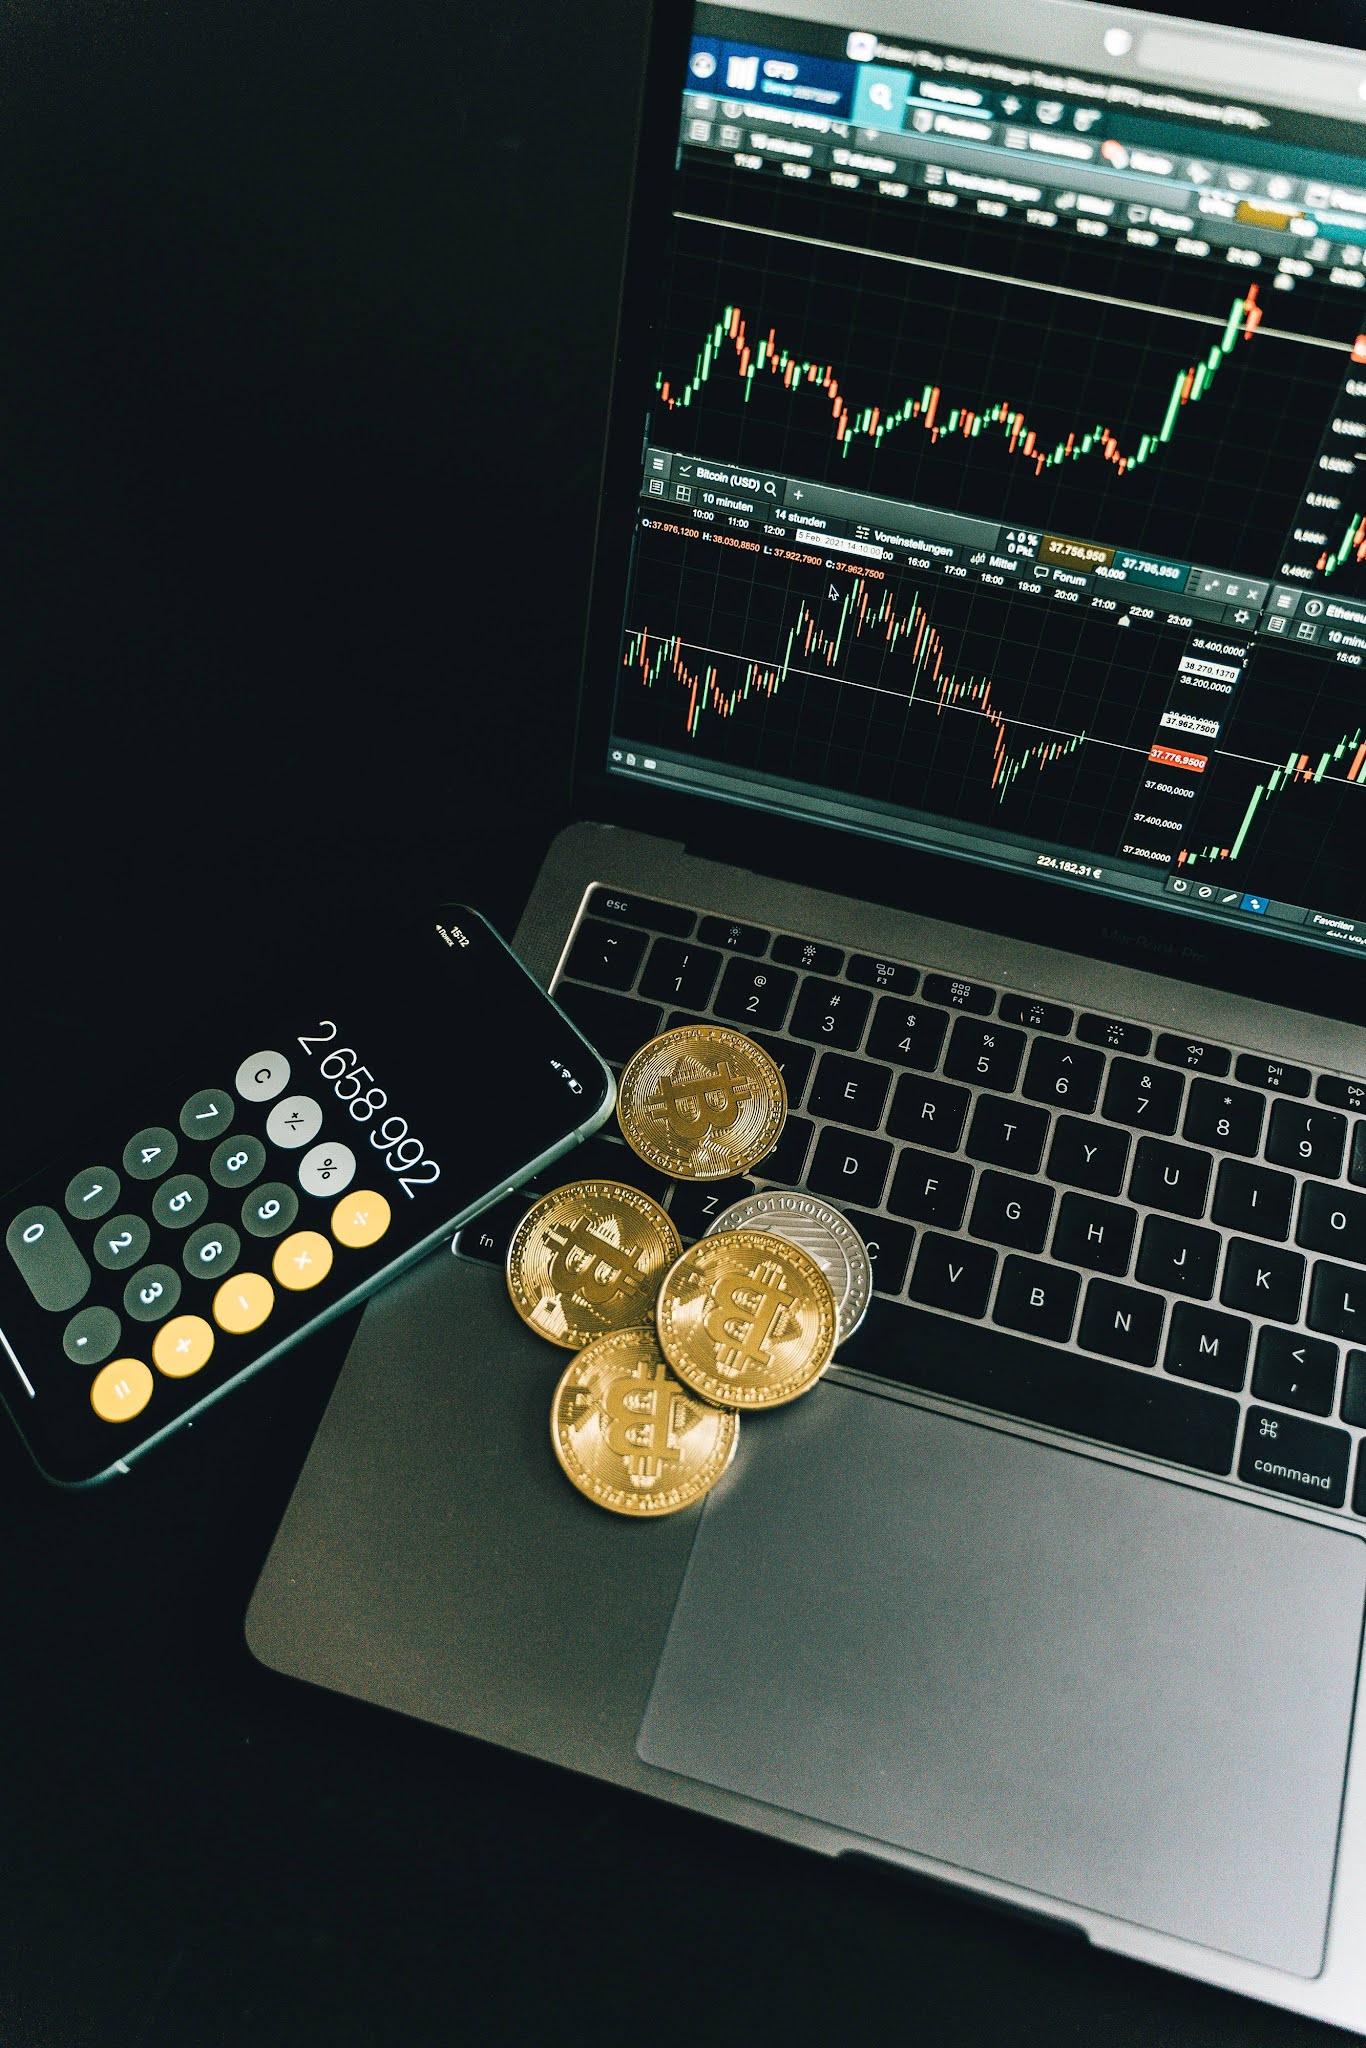 معلومات عن العملات الرقميه